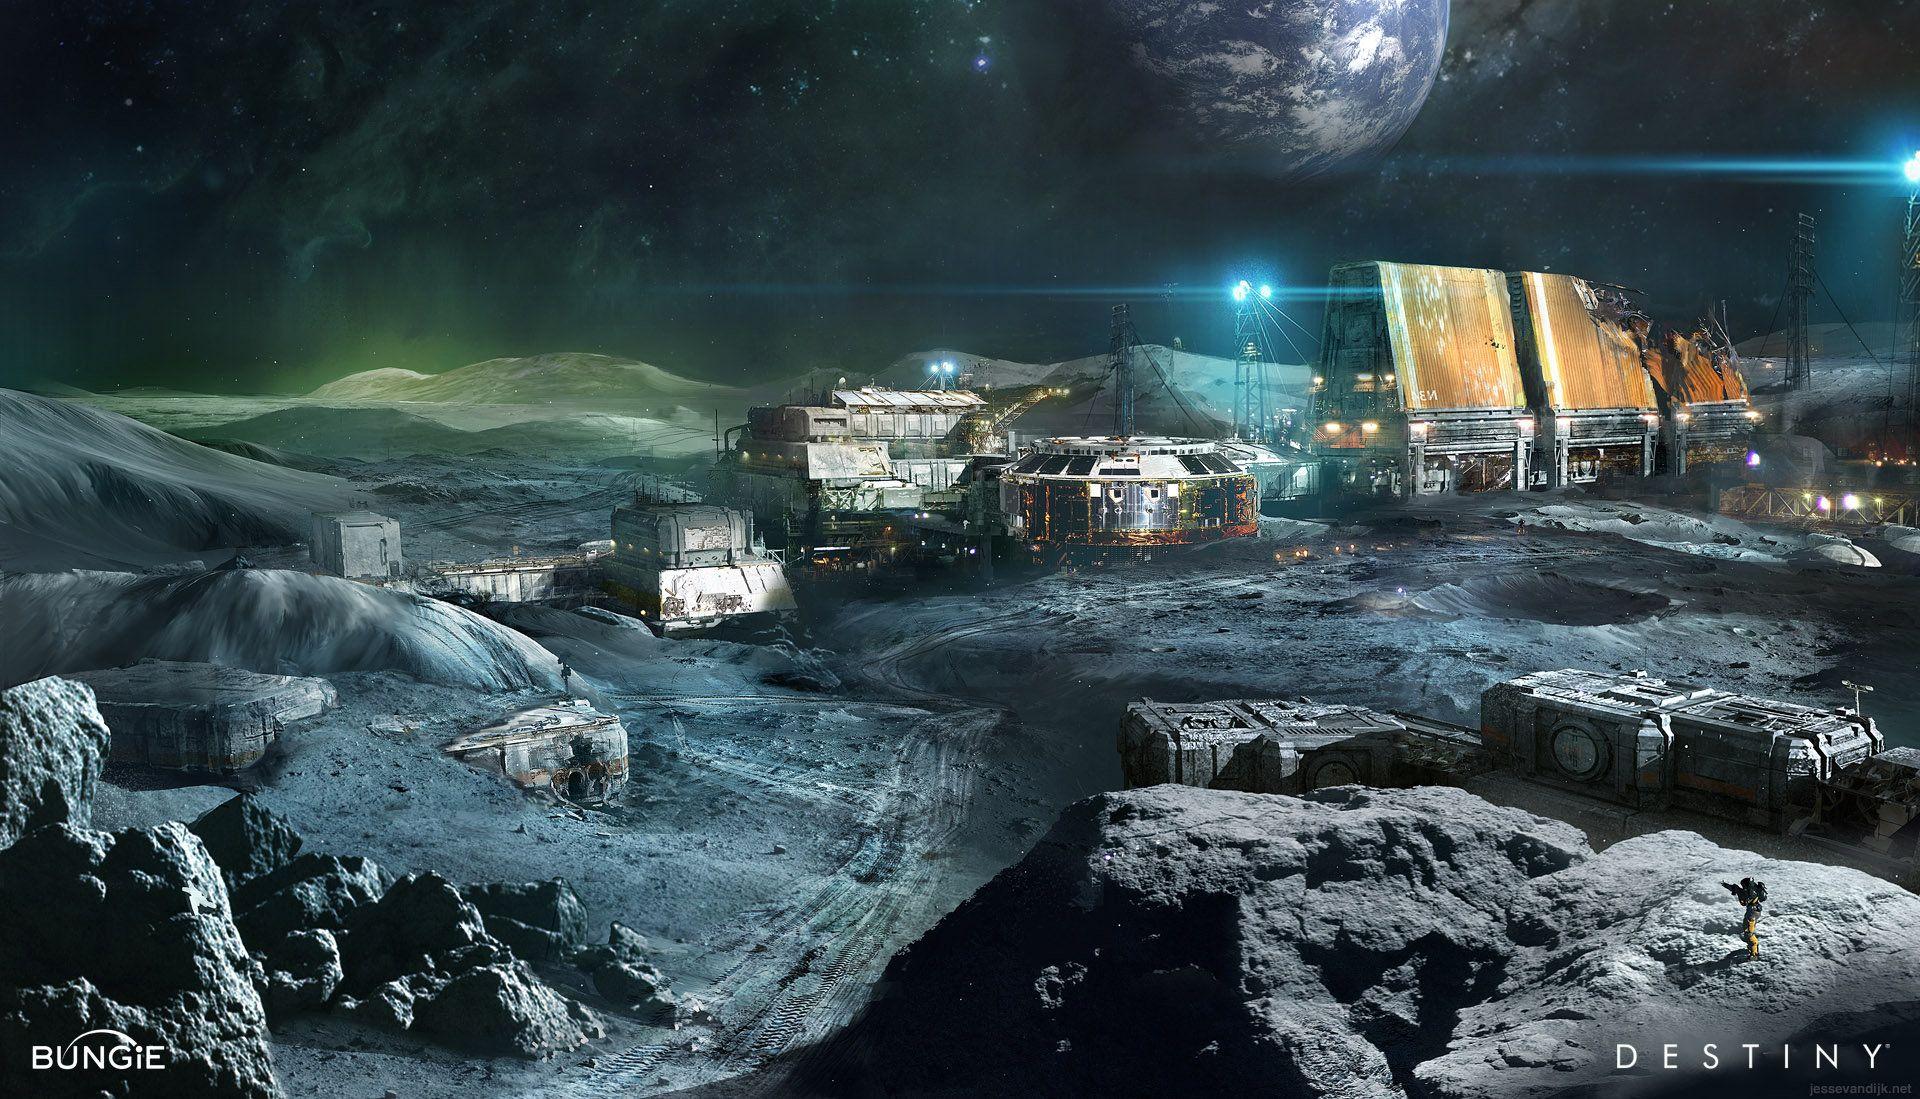 moon base meteor - photo #26